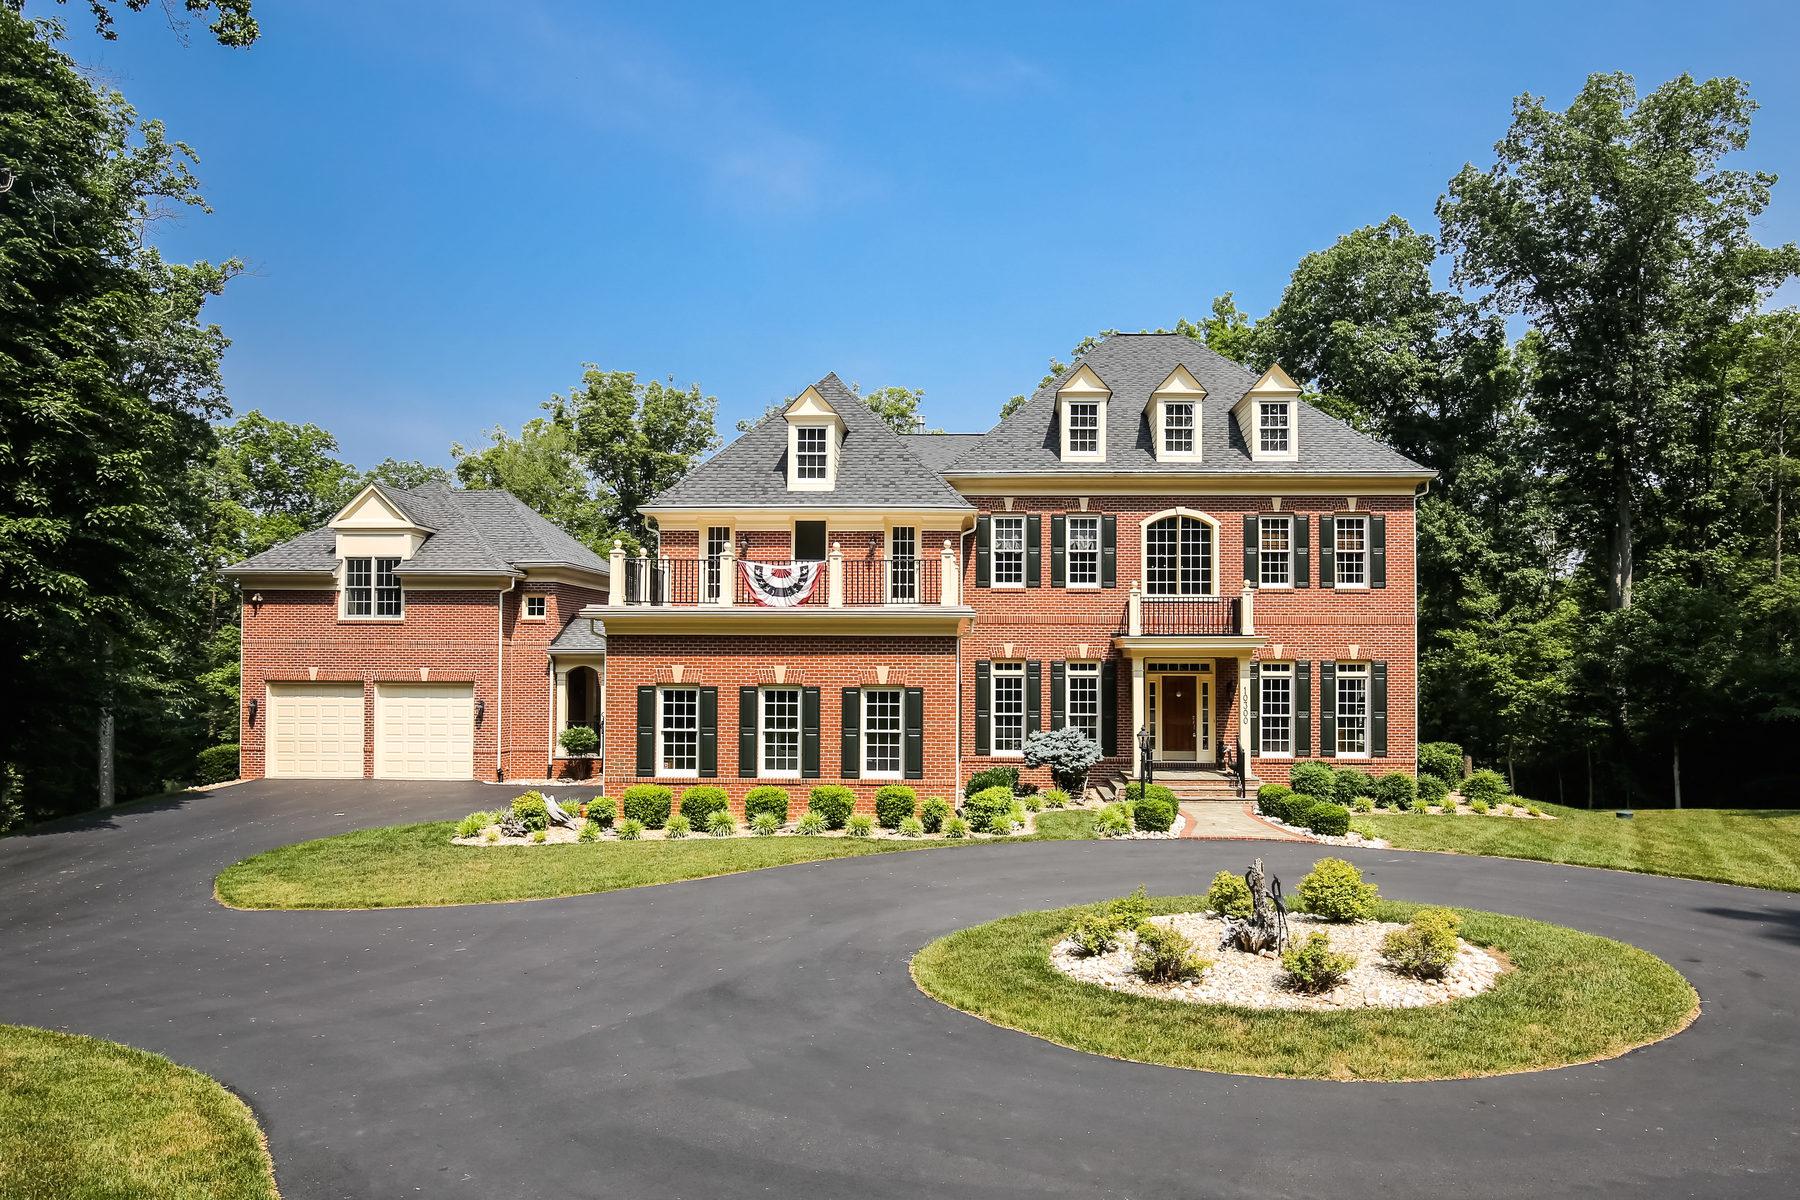 Μονοκατοικία για την Πώληση στο 10300 Hampton Road, Fairfax Station 10300 Hampton Rd Fairfax Station, Βιρτζινια 22039 Ηνωμενεσ Πολιτειεσ